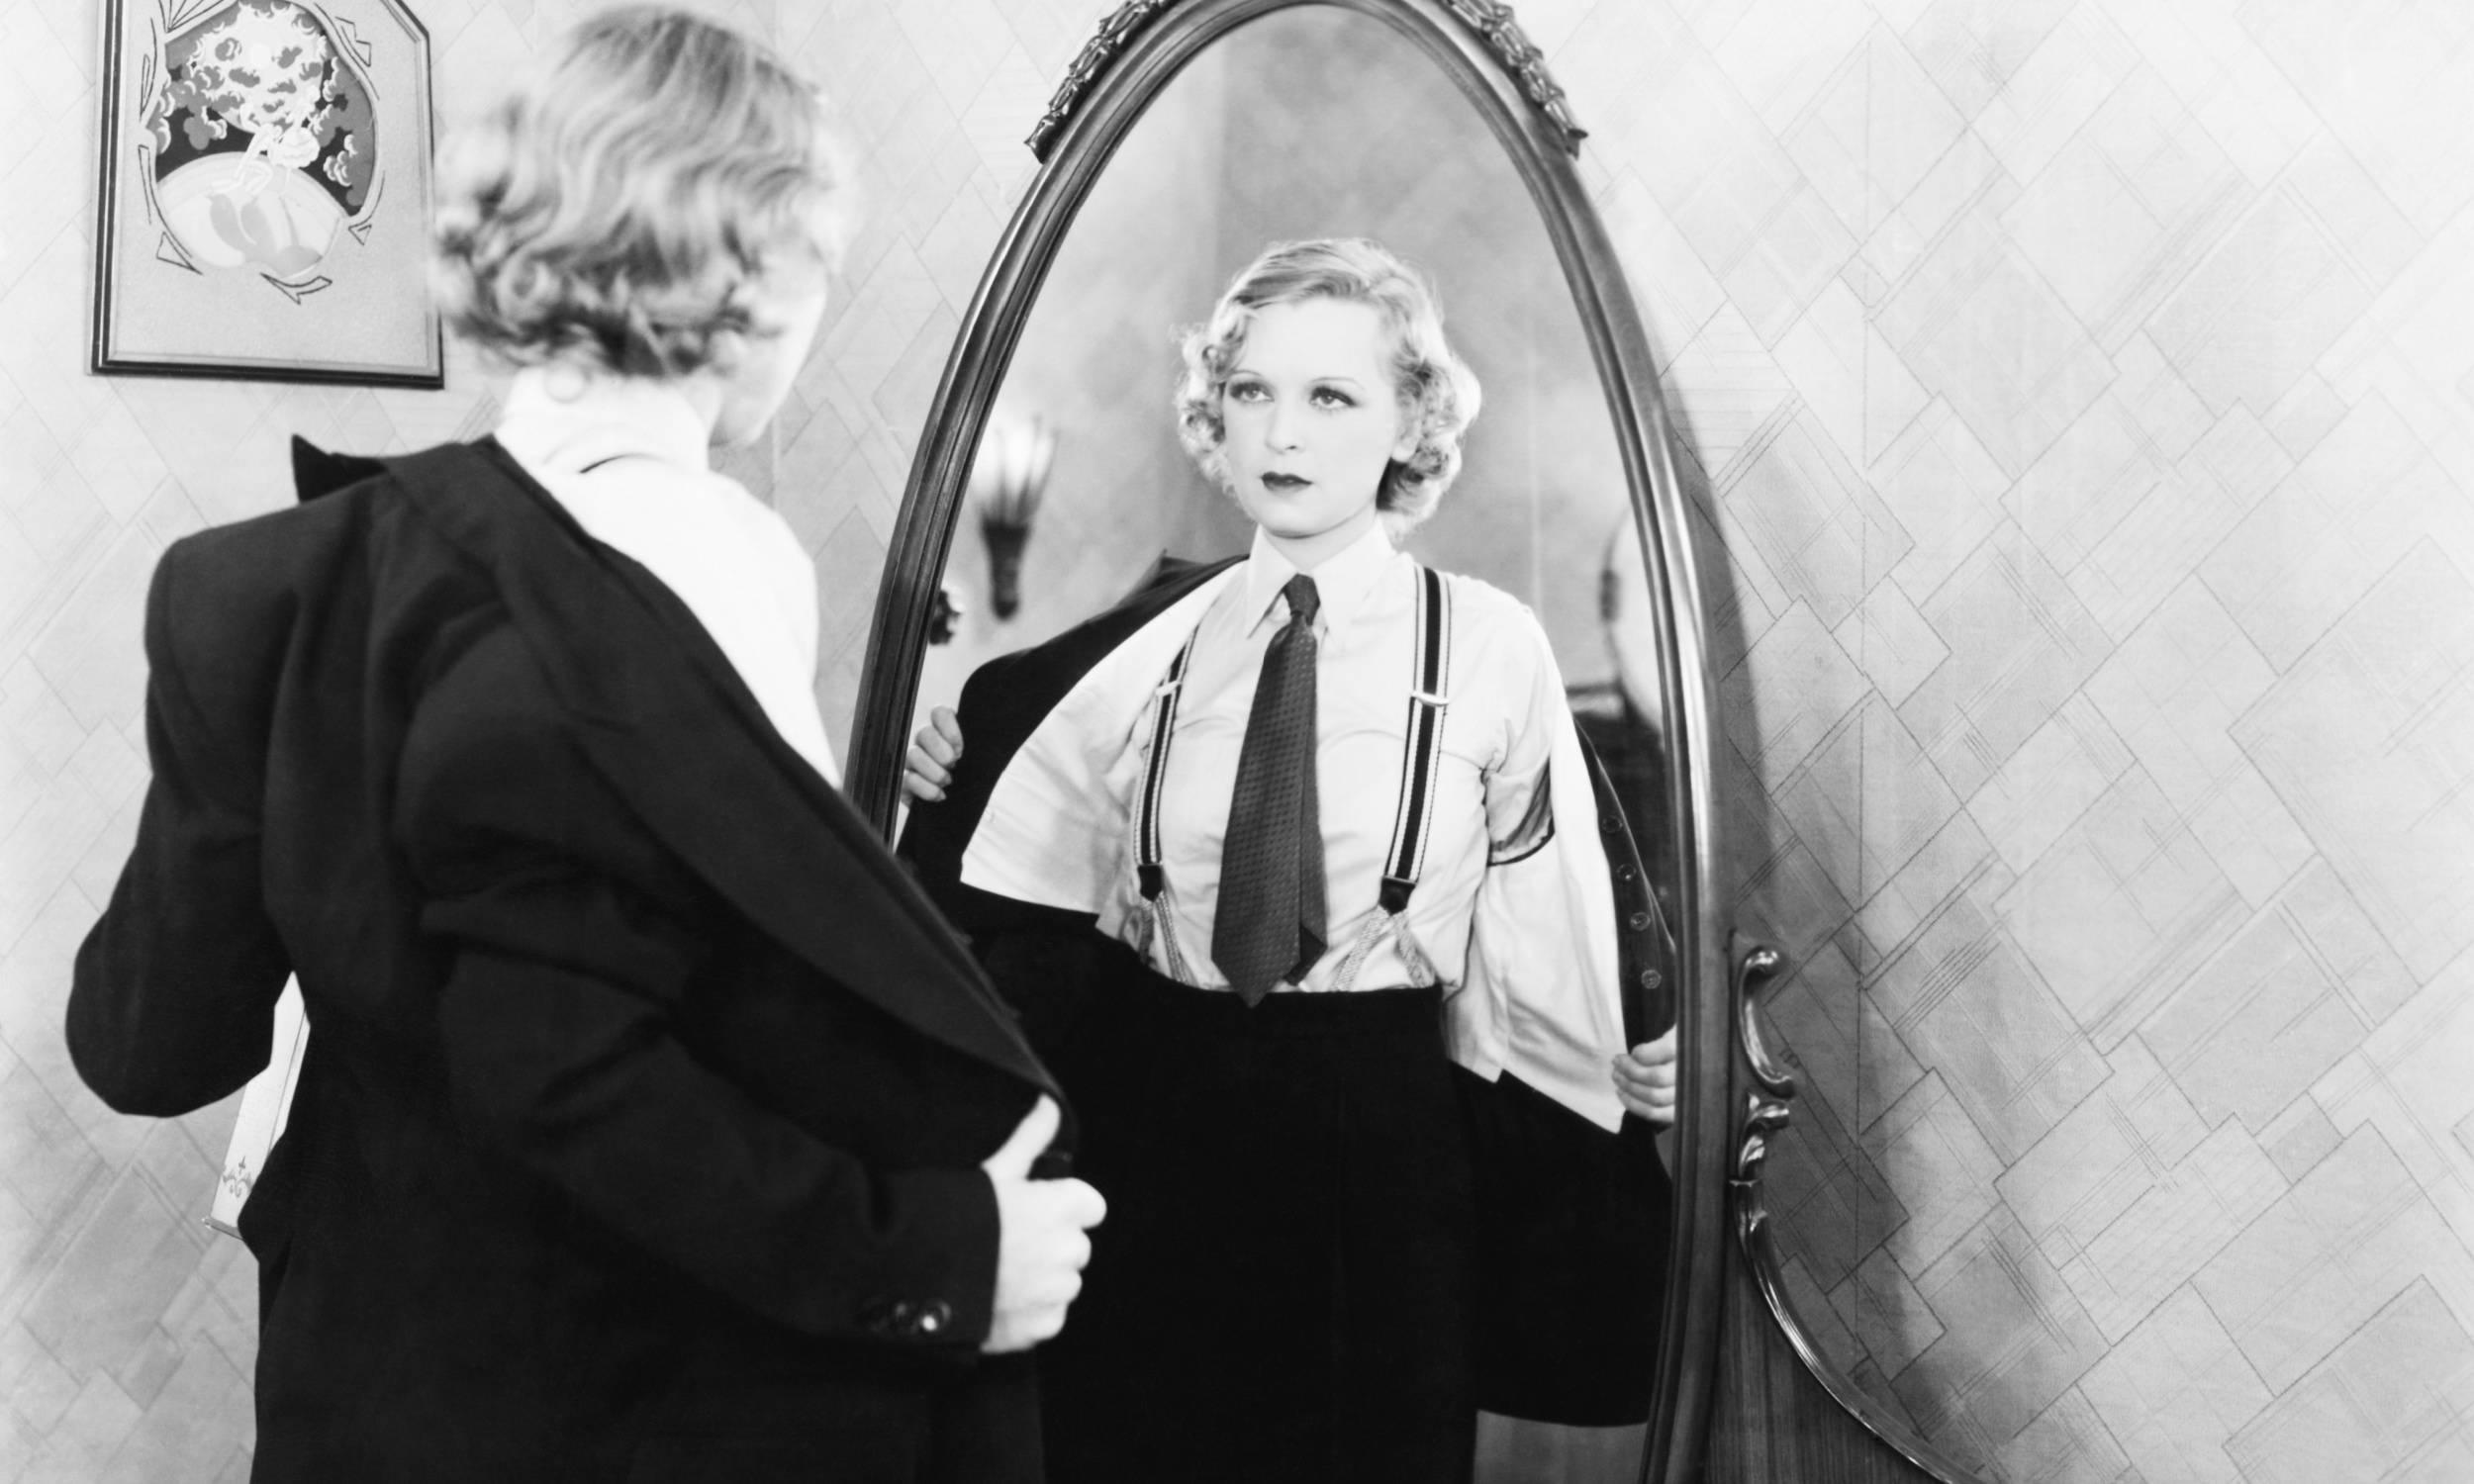 The History of Suspenders - Woman Wearing Suspenders